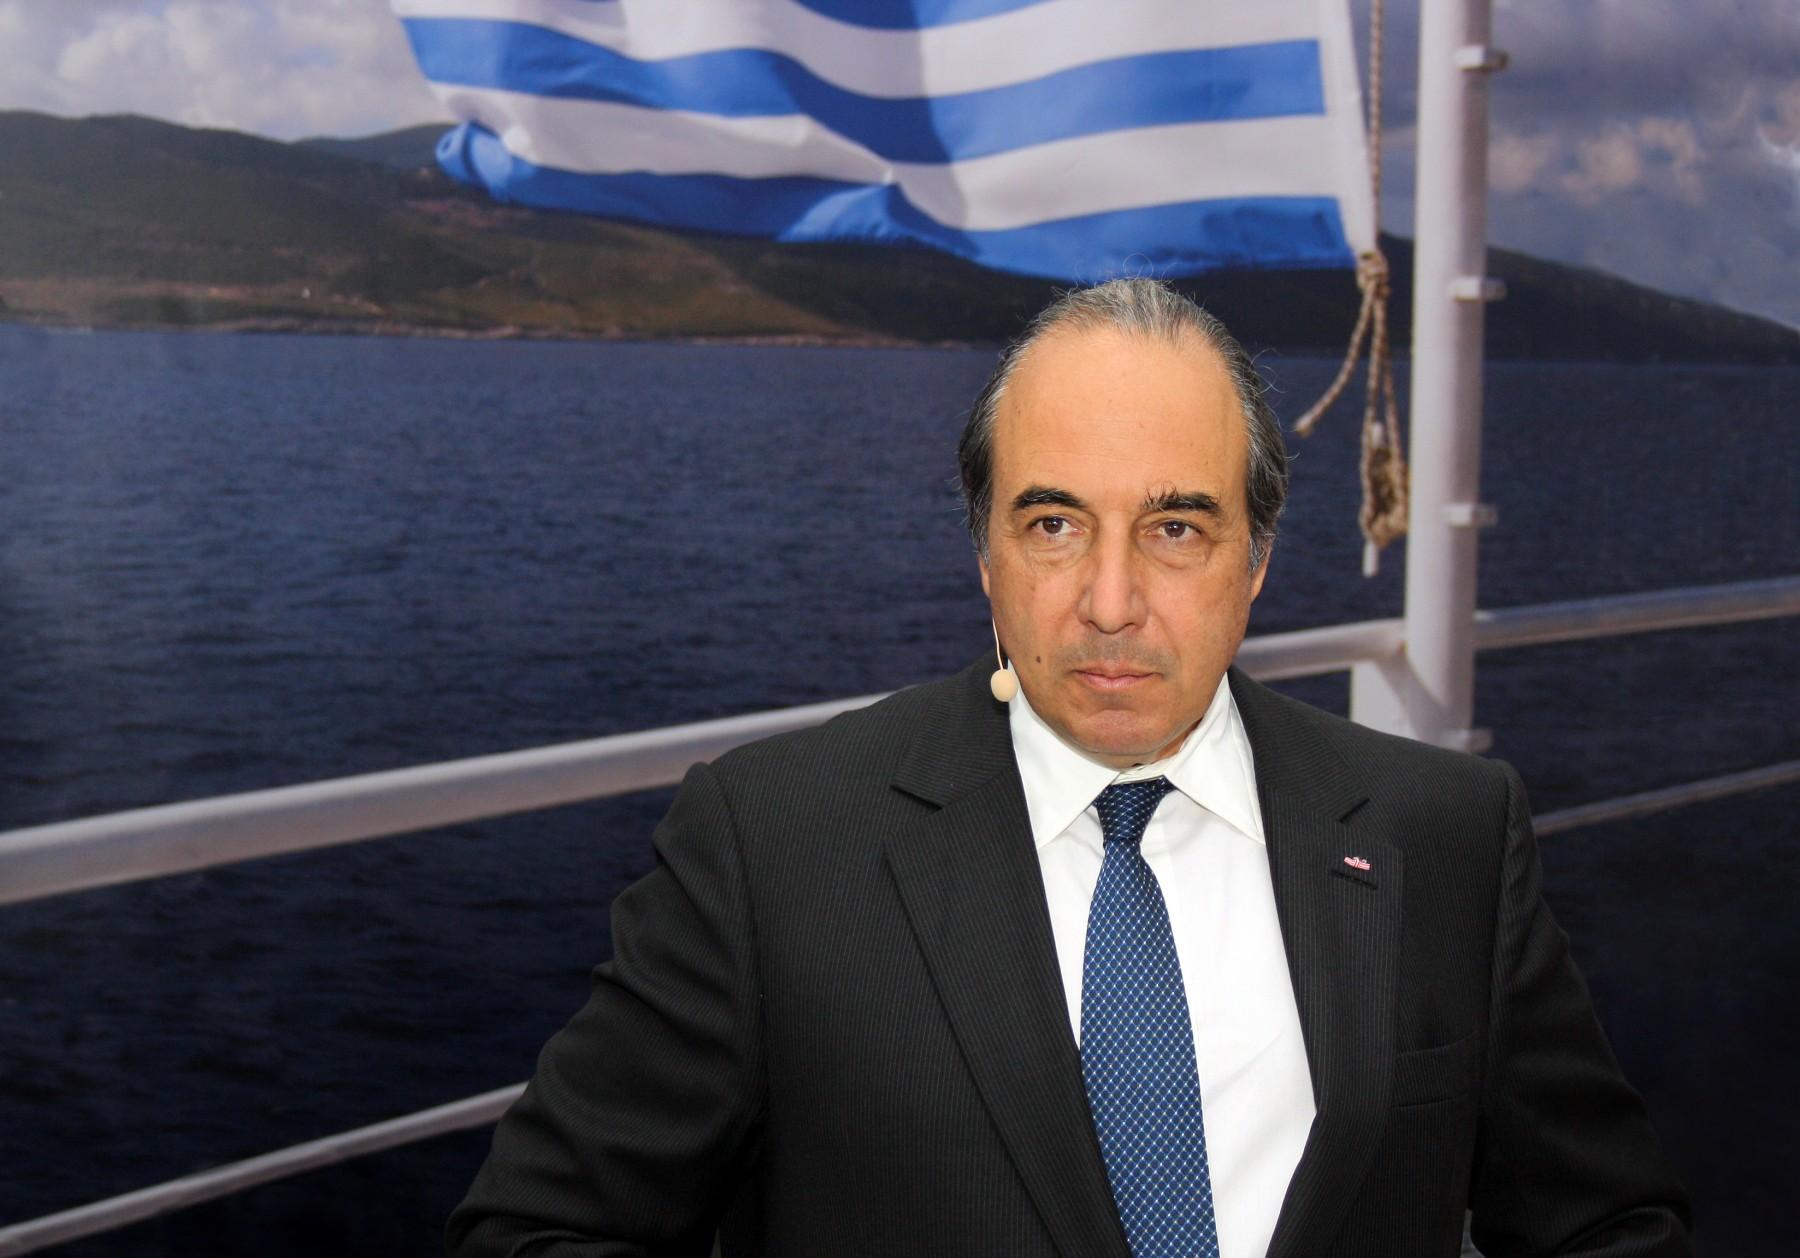 Πήτερ Λιβανός: O «διάδοχος» της αυτοκρατορίας που ρίσκαρε και πήγε ψηλά